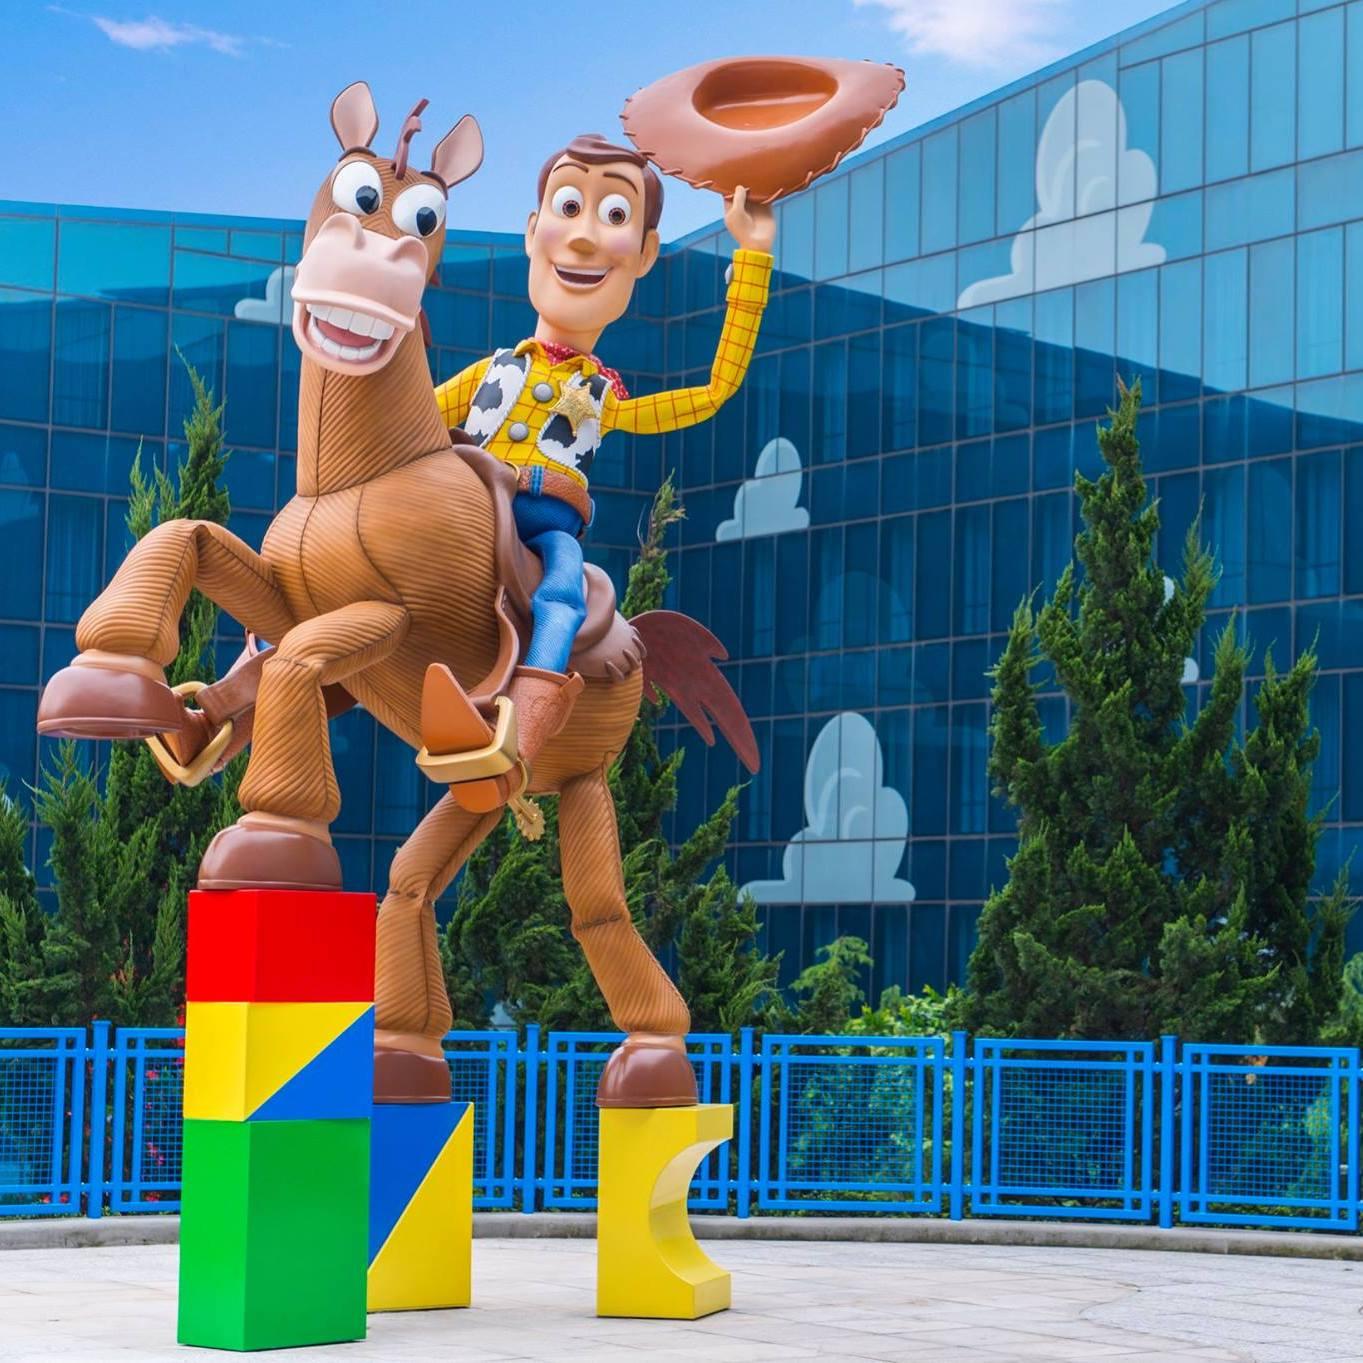 Shanghai Disneyland Tipps und Tricks: Toy Story Hotel